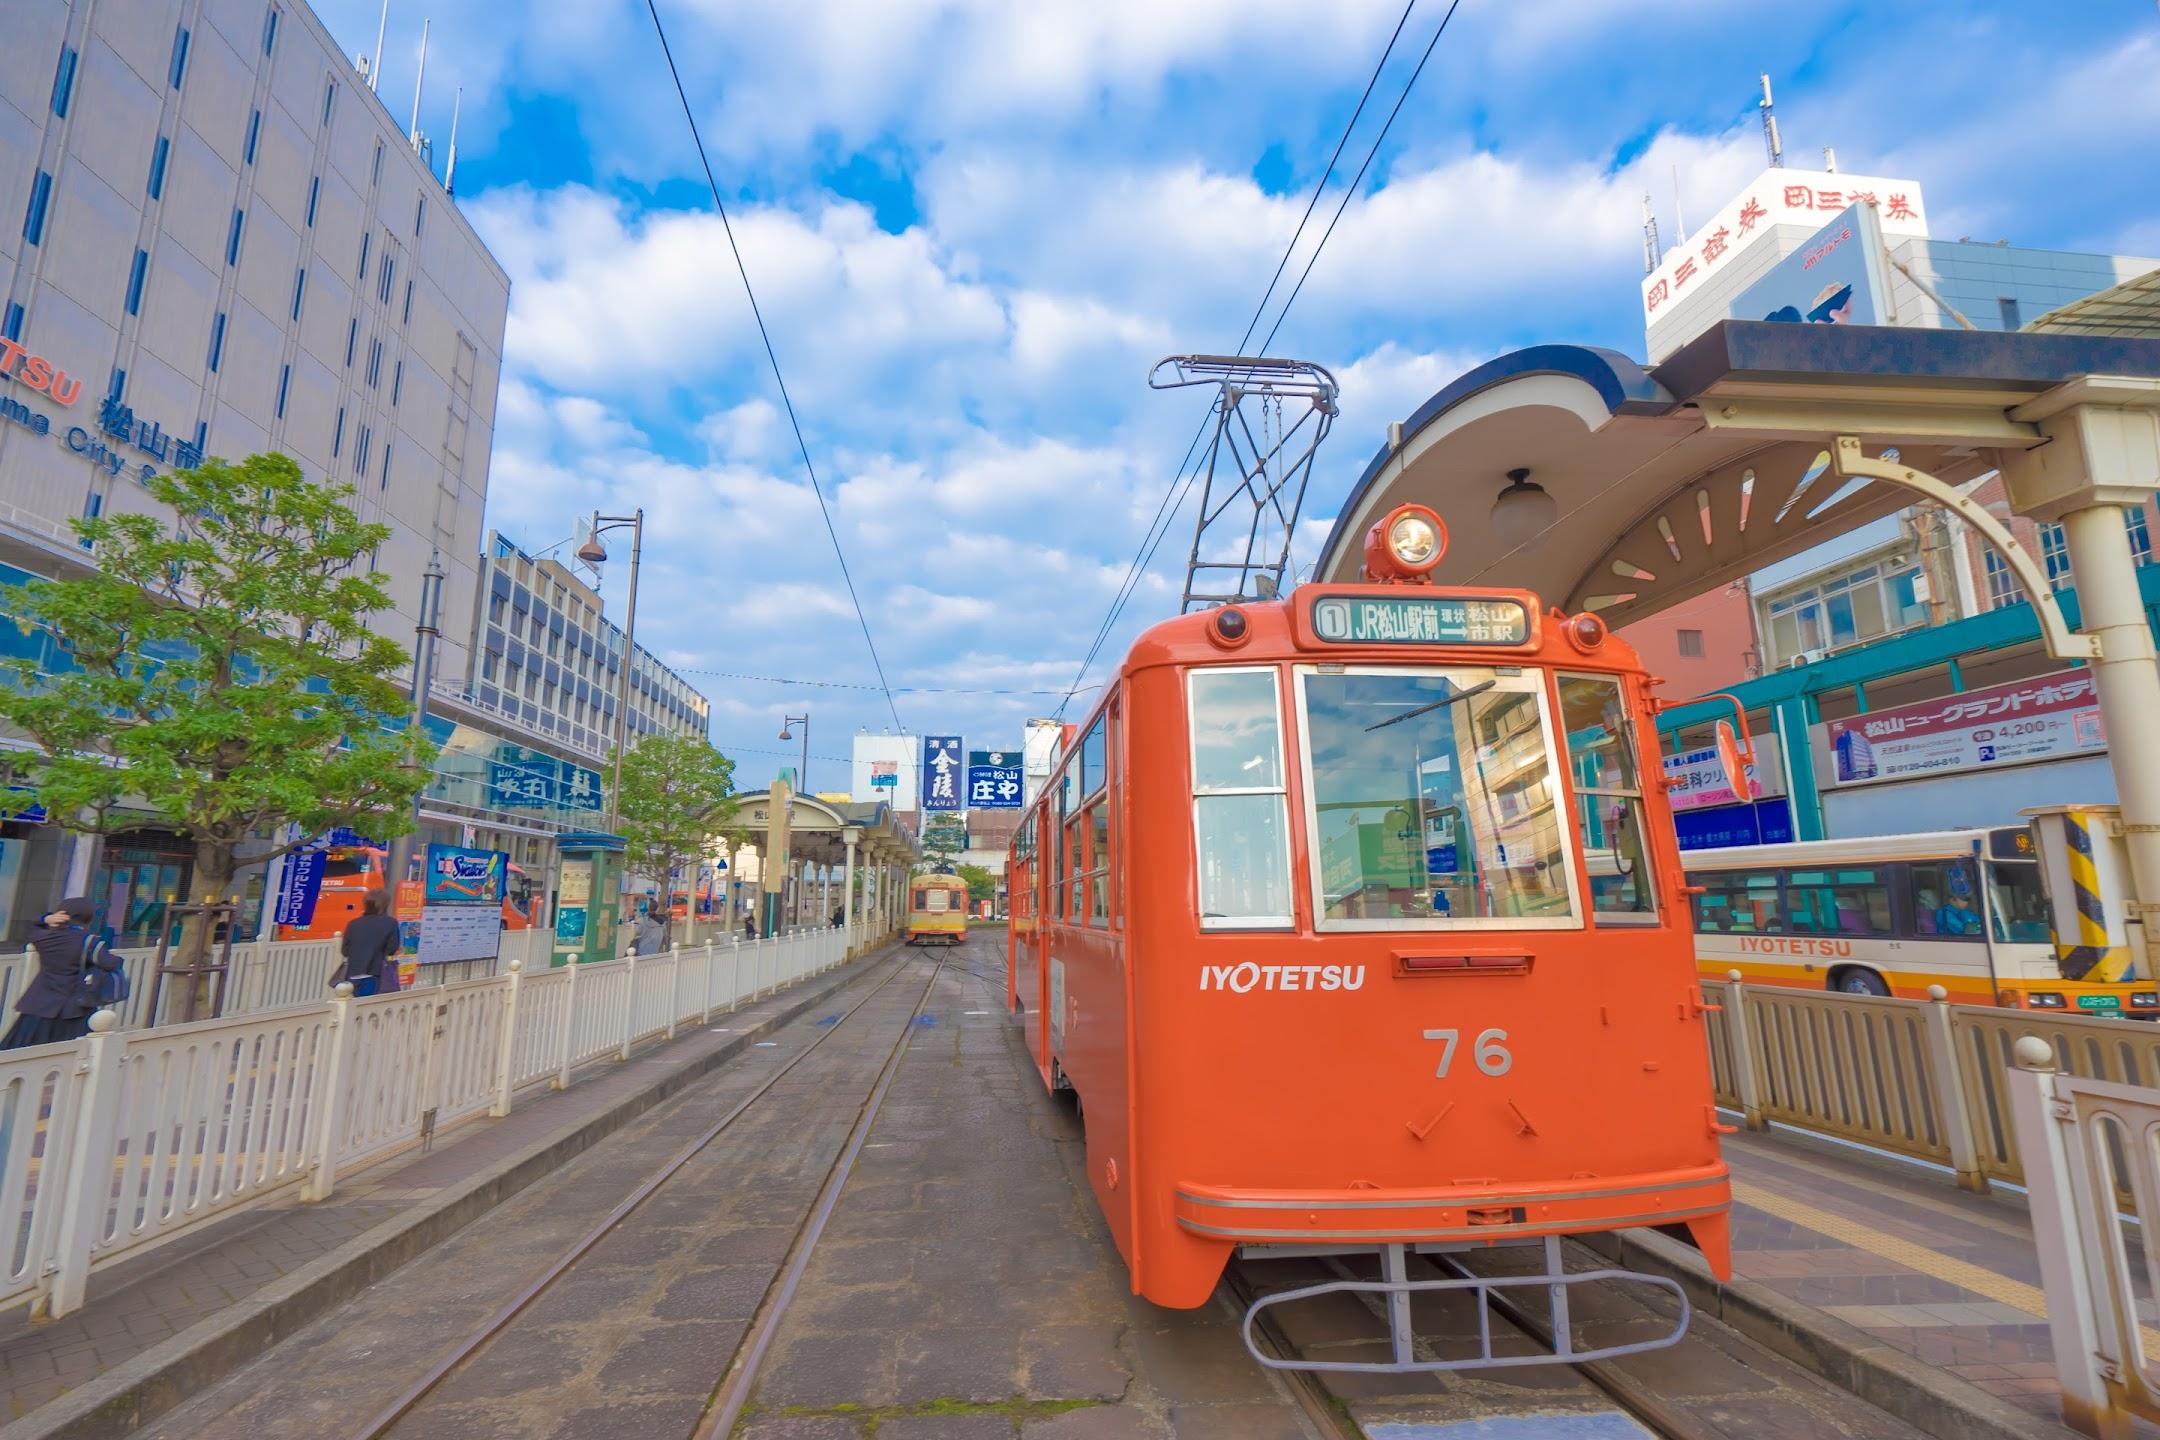 松山 市内電車(路面電車)3